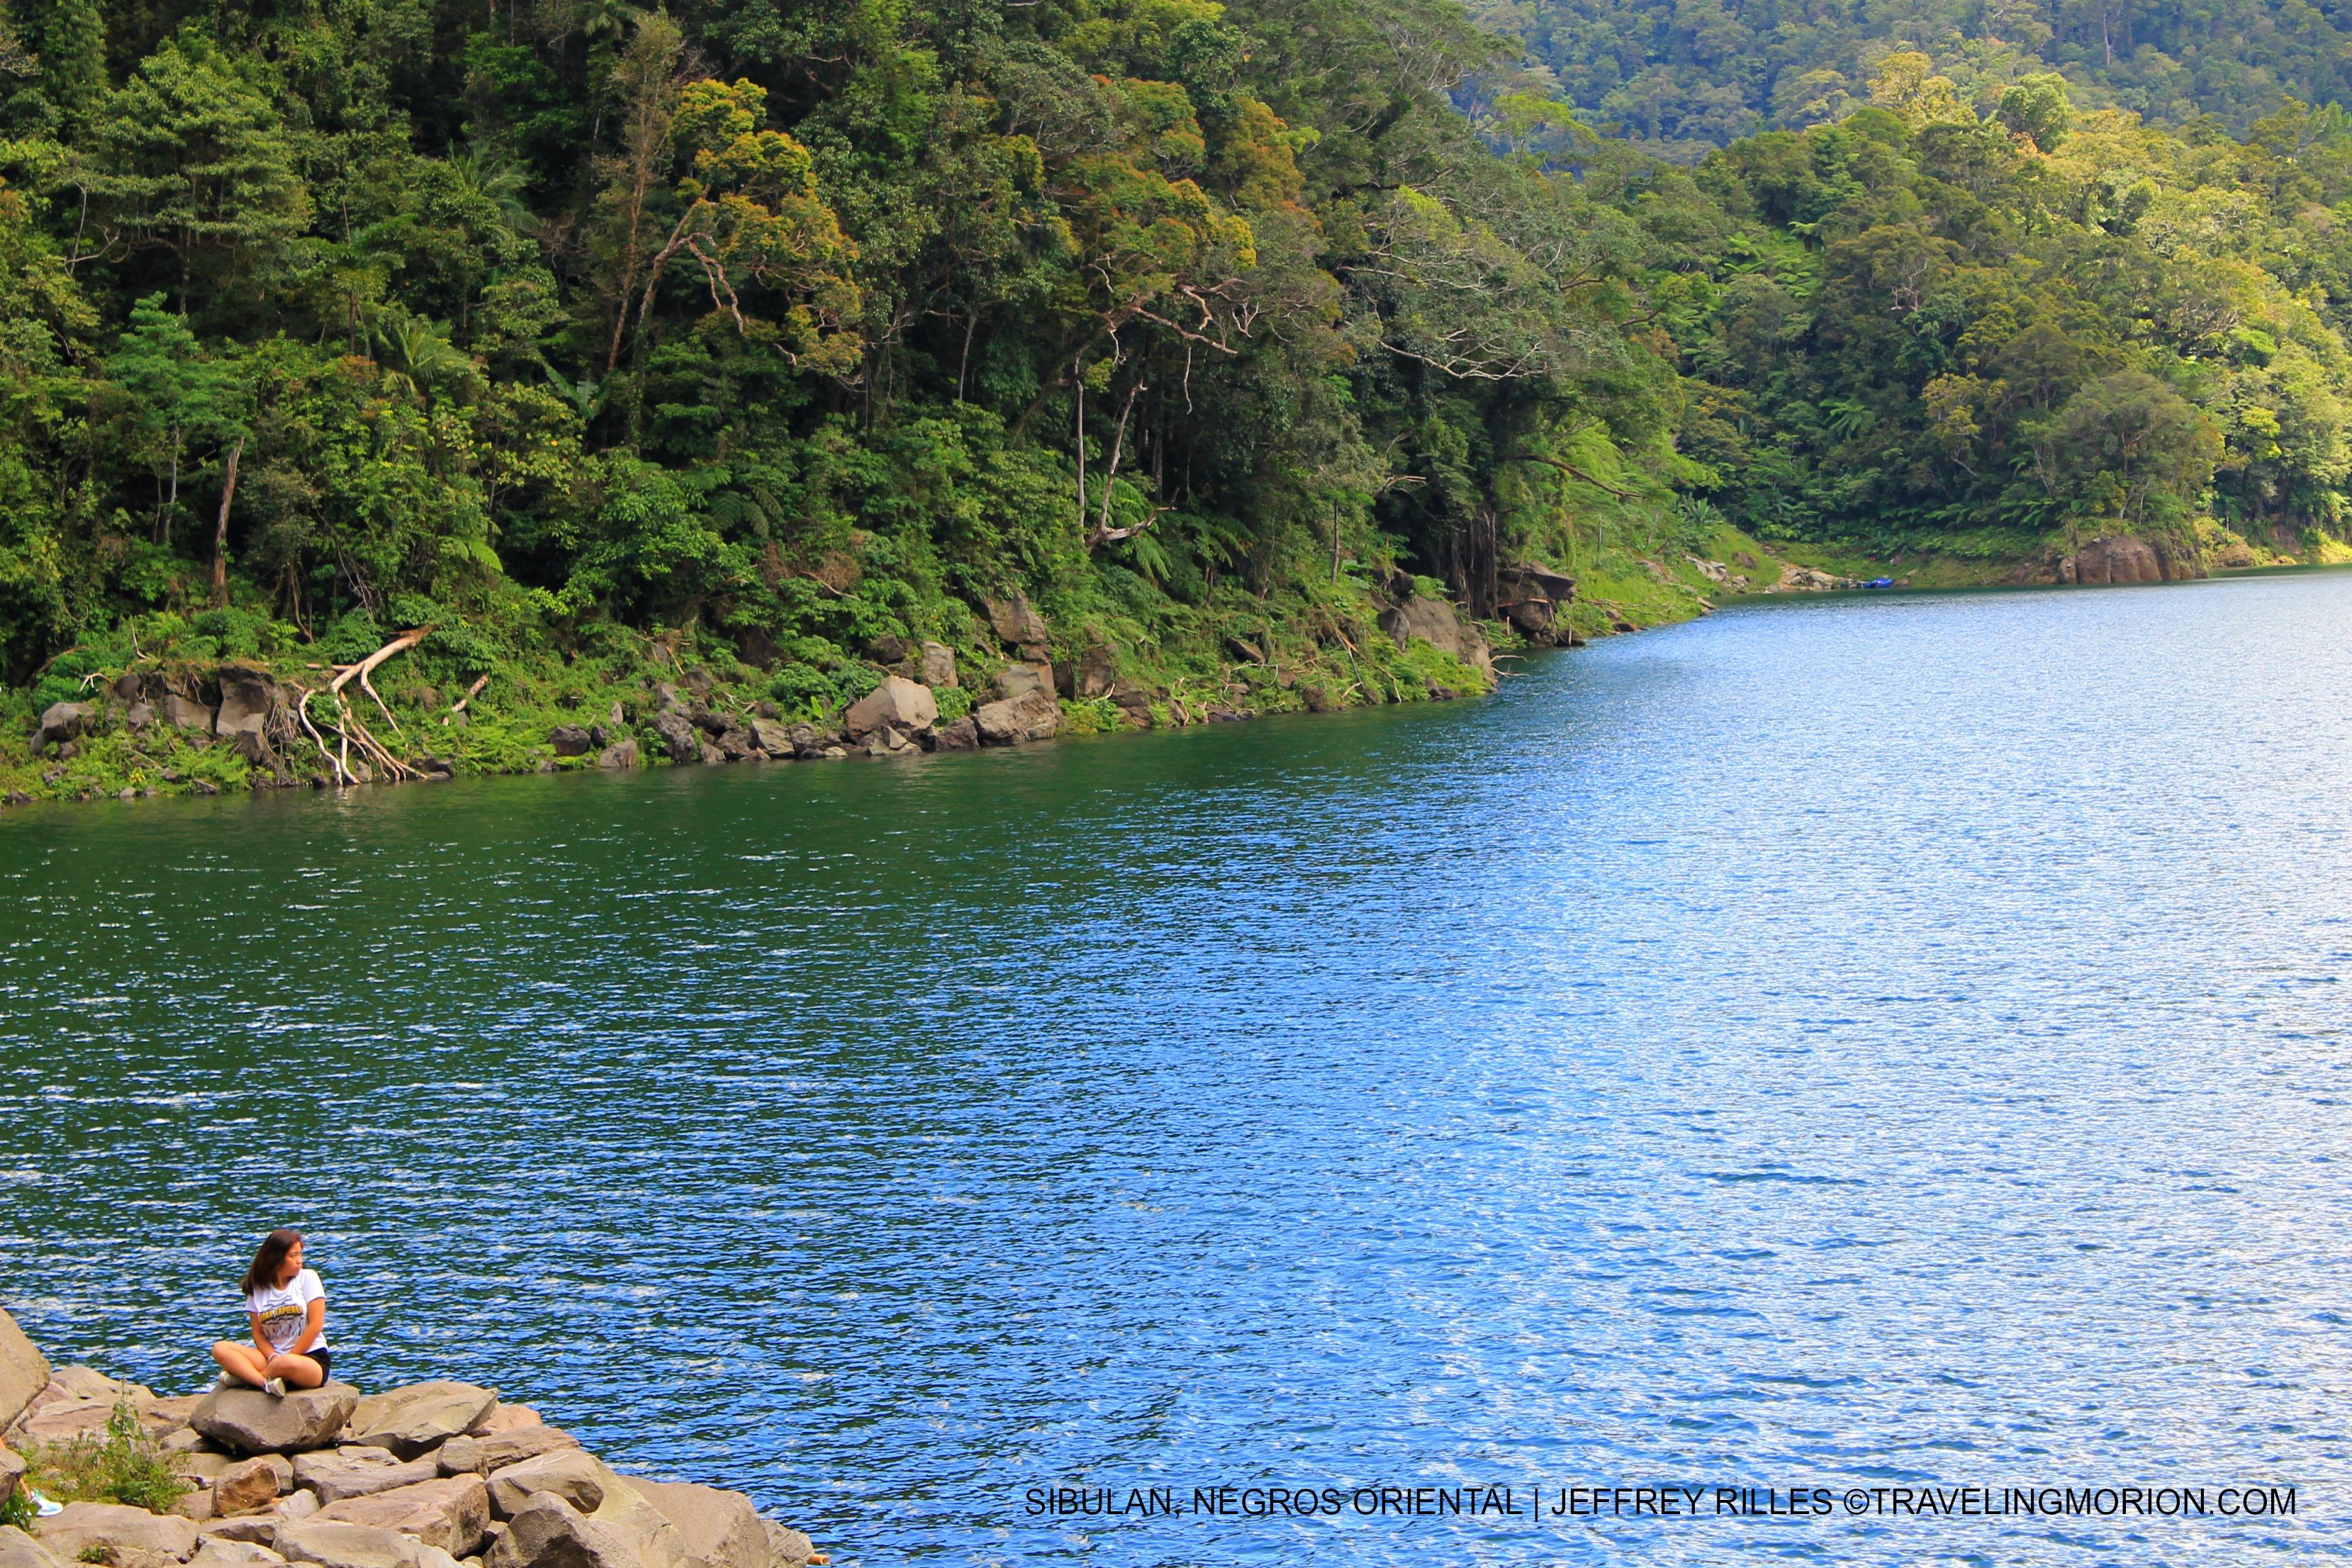 Balinsasayao Twin Lakes of Sibulan